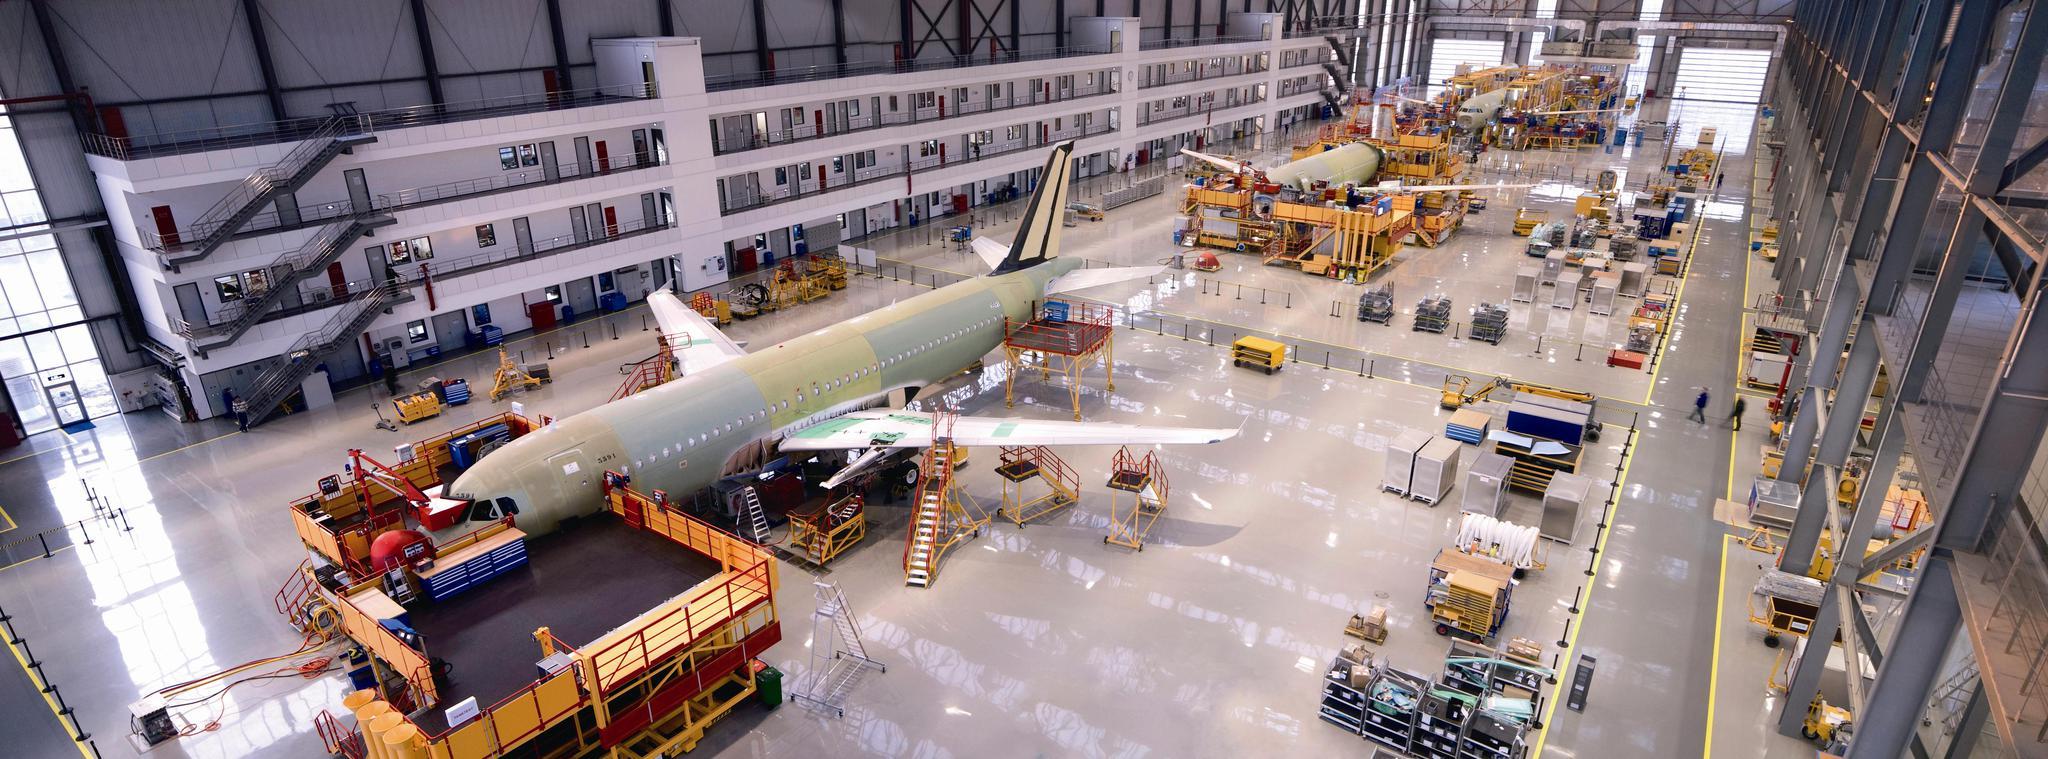 机场片区空客公司。图片来源:天津自贸试验区